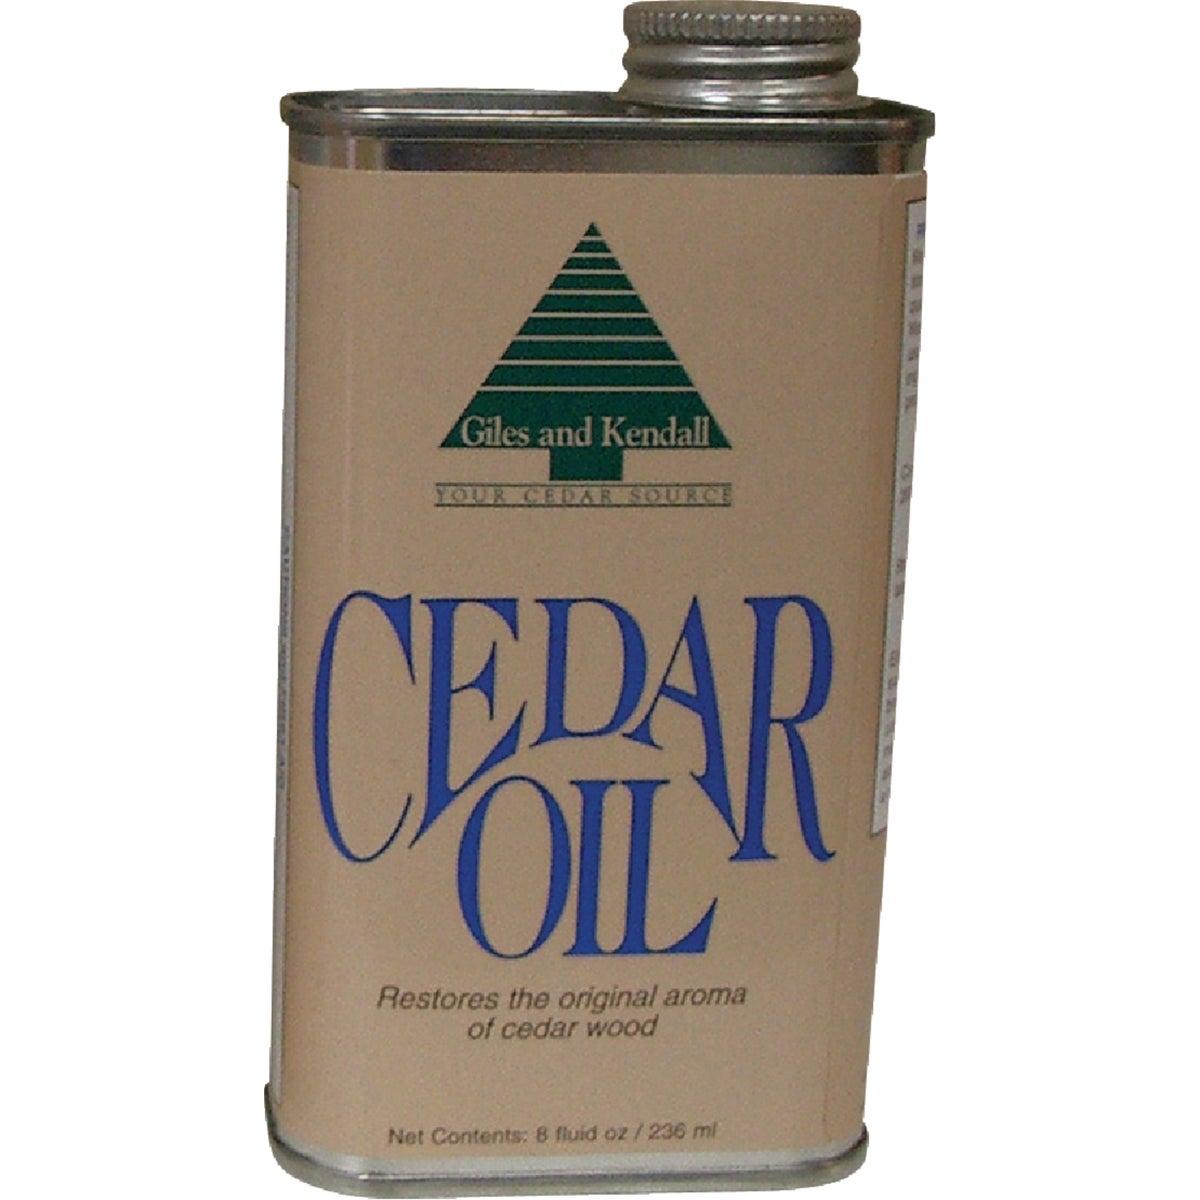 8OZ CEDAR OIL